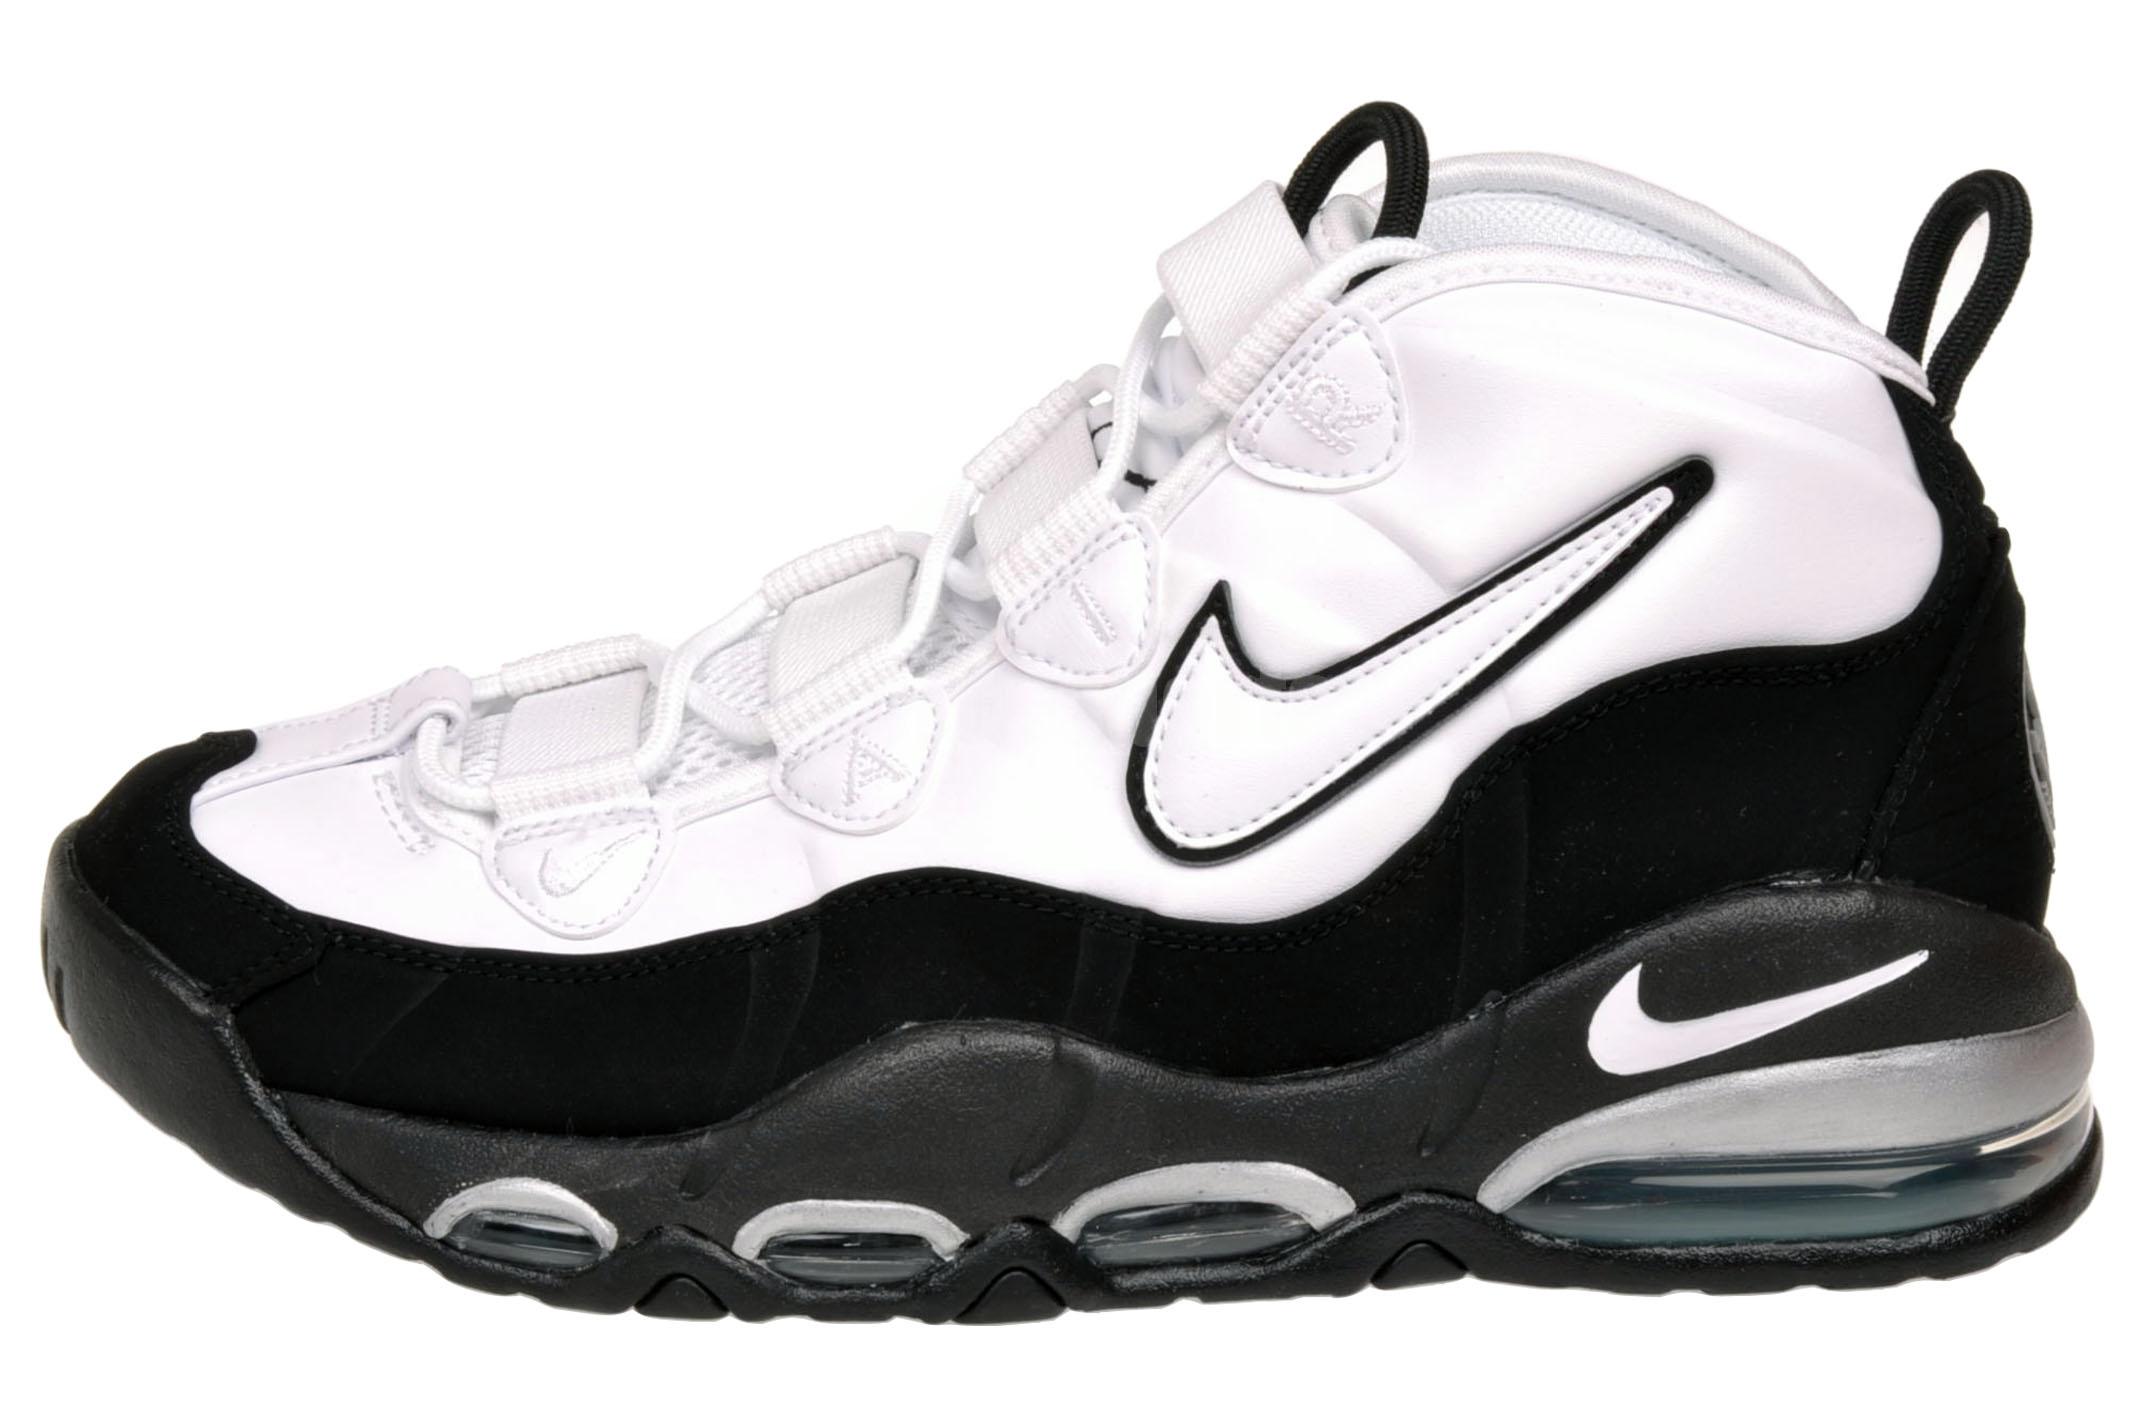 96e9c3390297 nike air max uptempo 95 basketball shoes